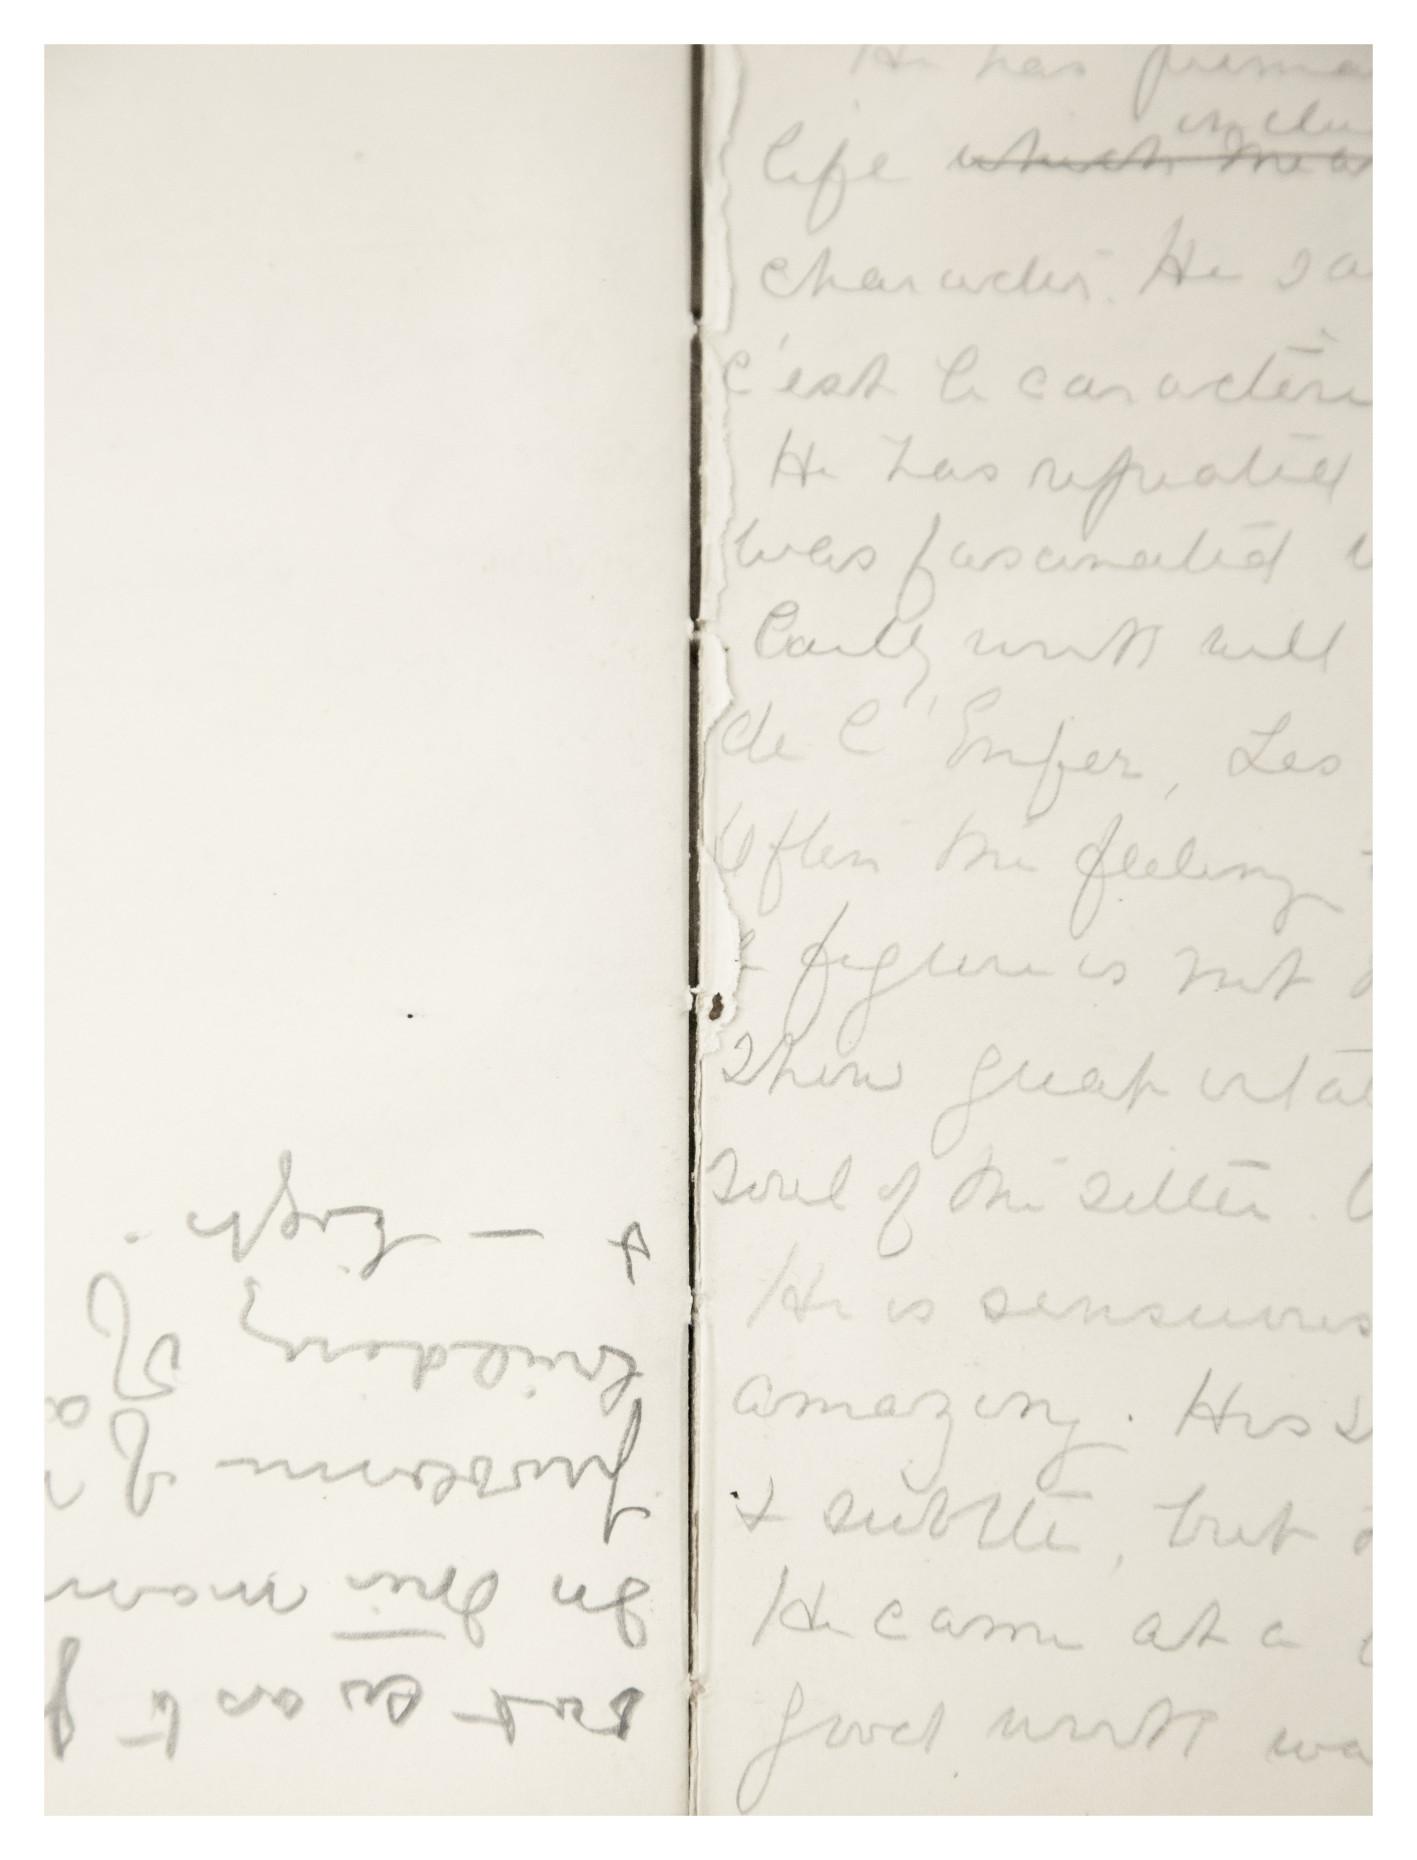 Timefold from the notebooks of Gertrude Vanderbilt Whitney, 2015